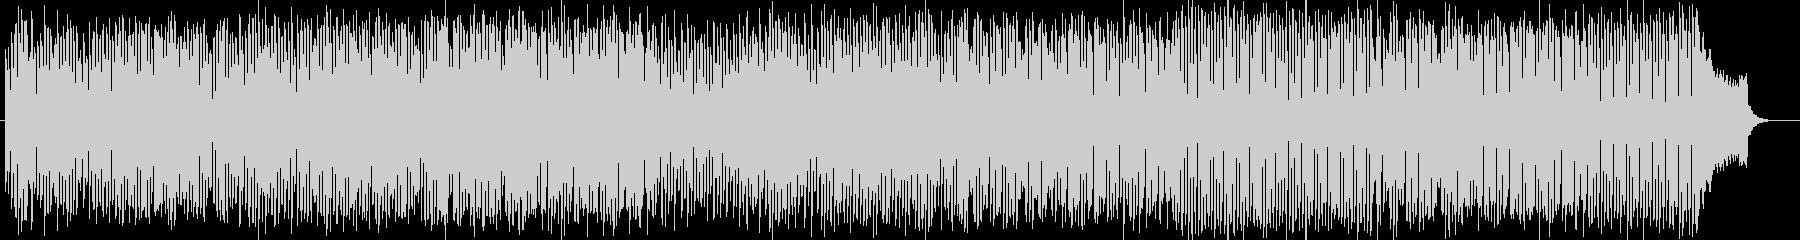 明るく楽しいシンセサイザー系サウンドの未再生の波形